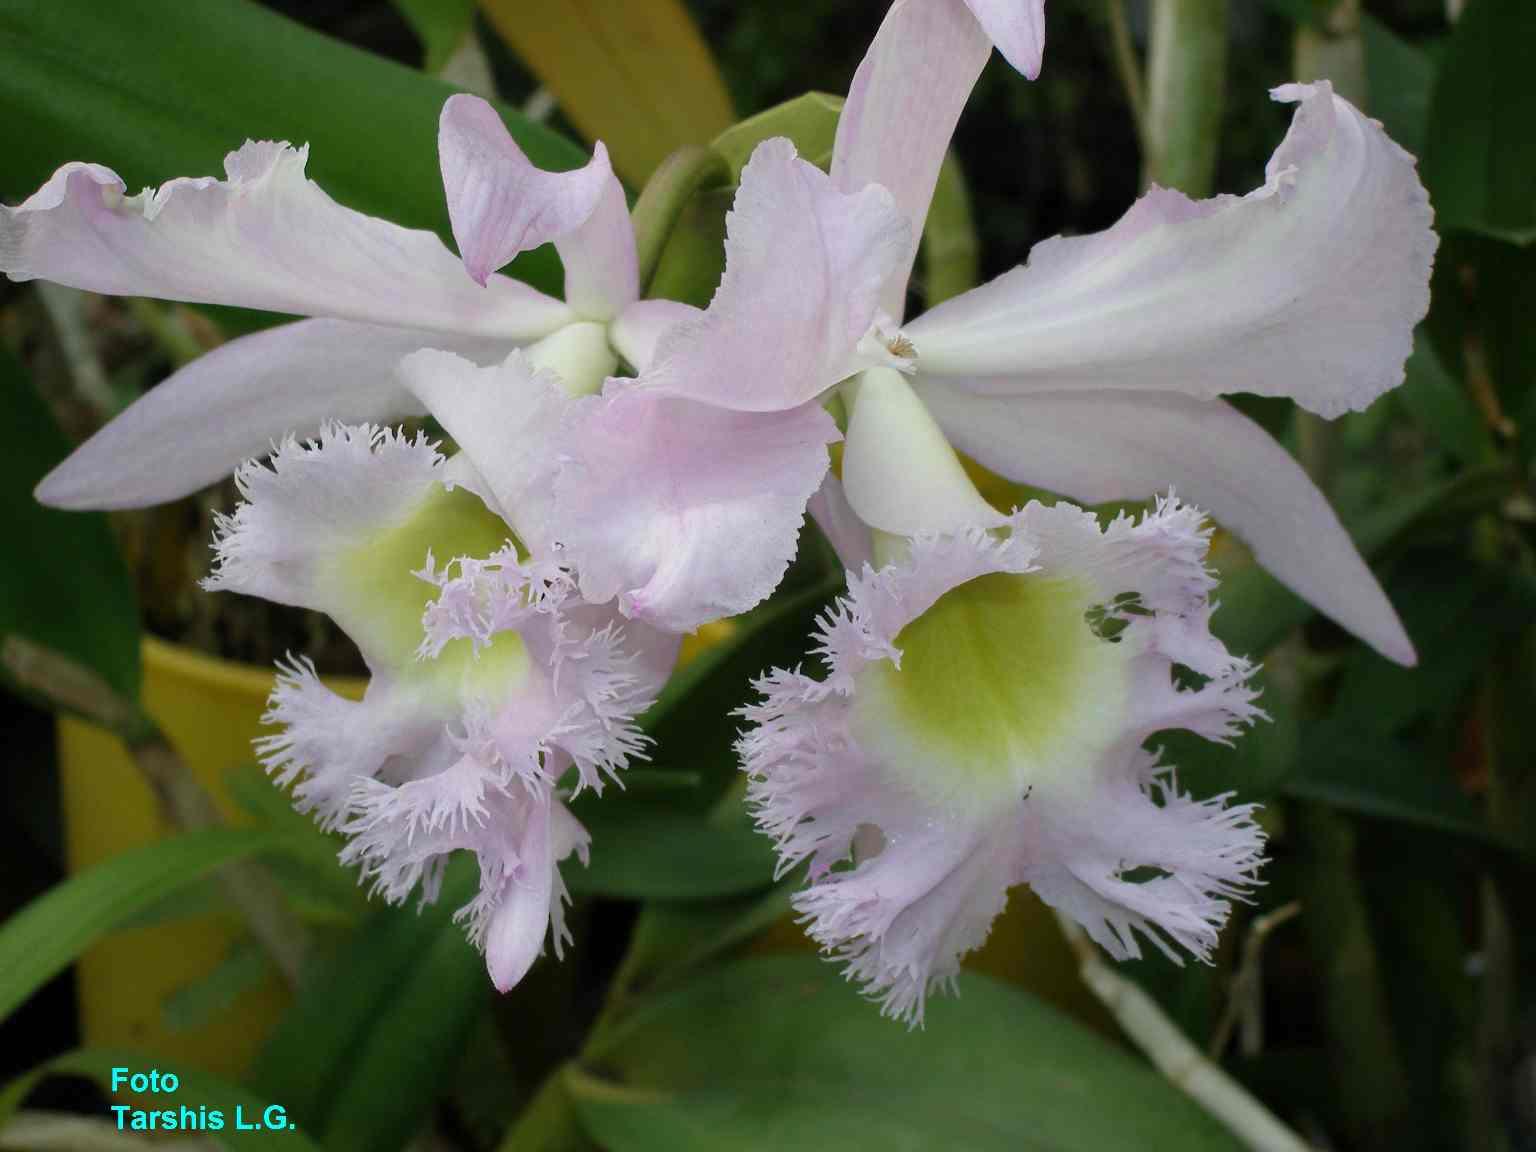 Brassolaeliocattleya hybrida